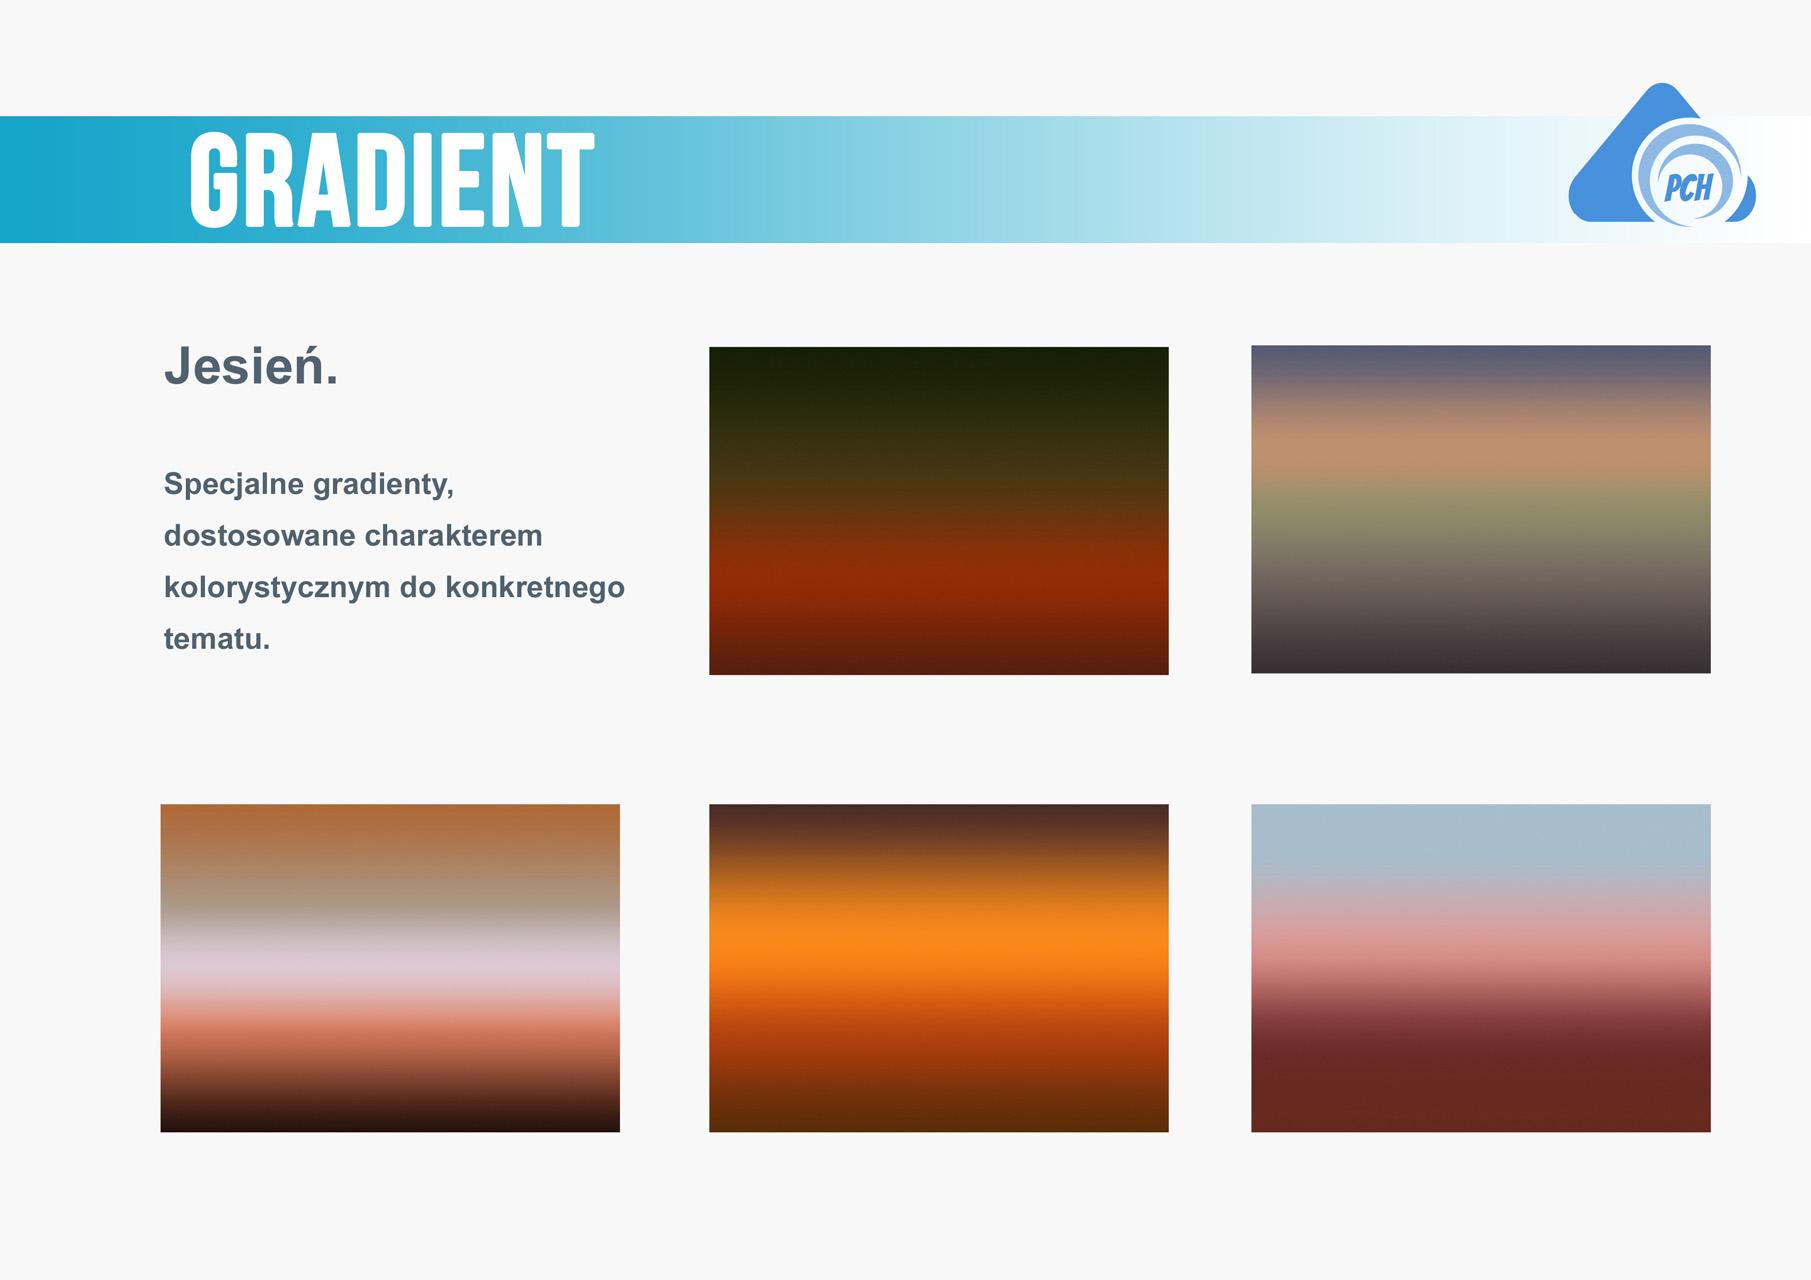 pp4-gradient-10